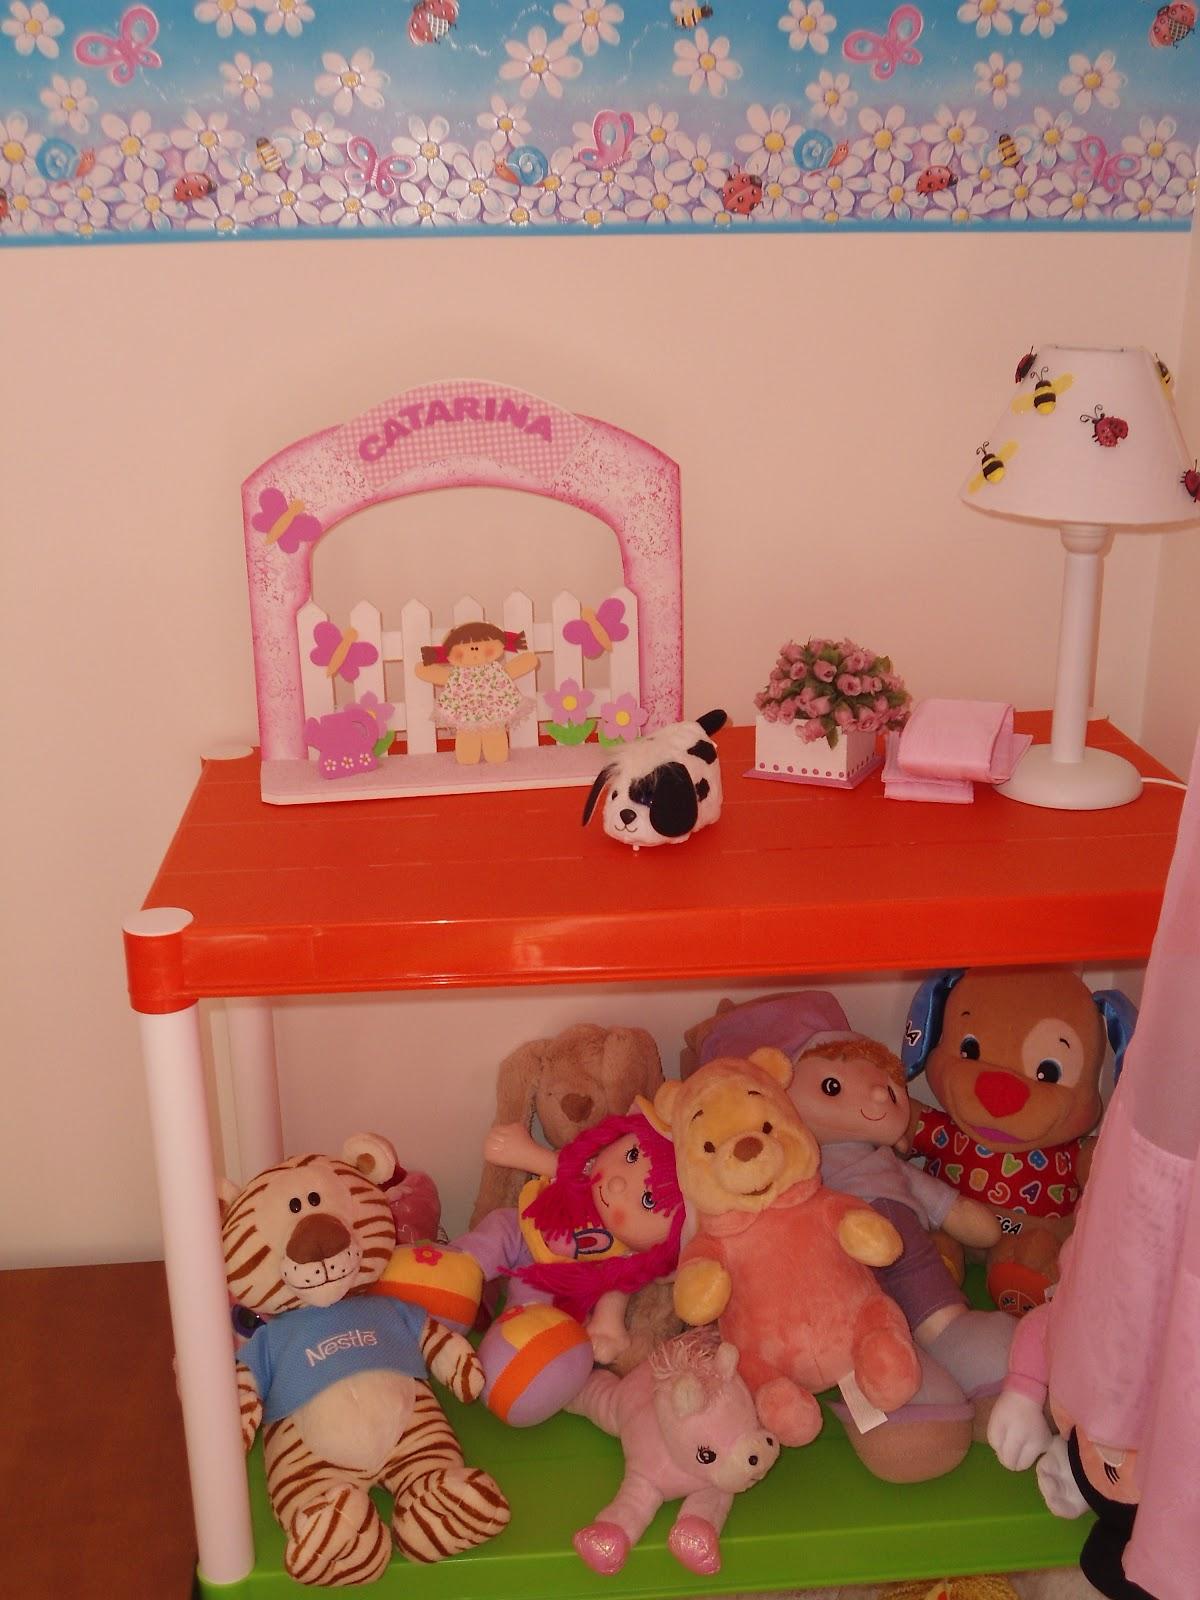 Decorando o quarto das crianças: Transportes pra ele e Jardim pra ela  #B62B15 1200x1600